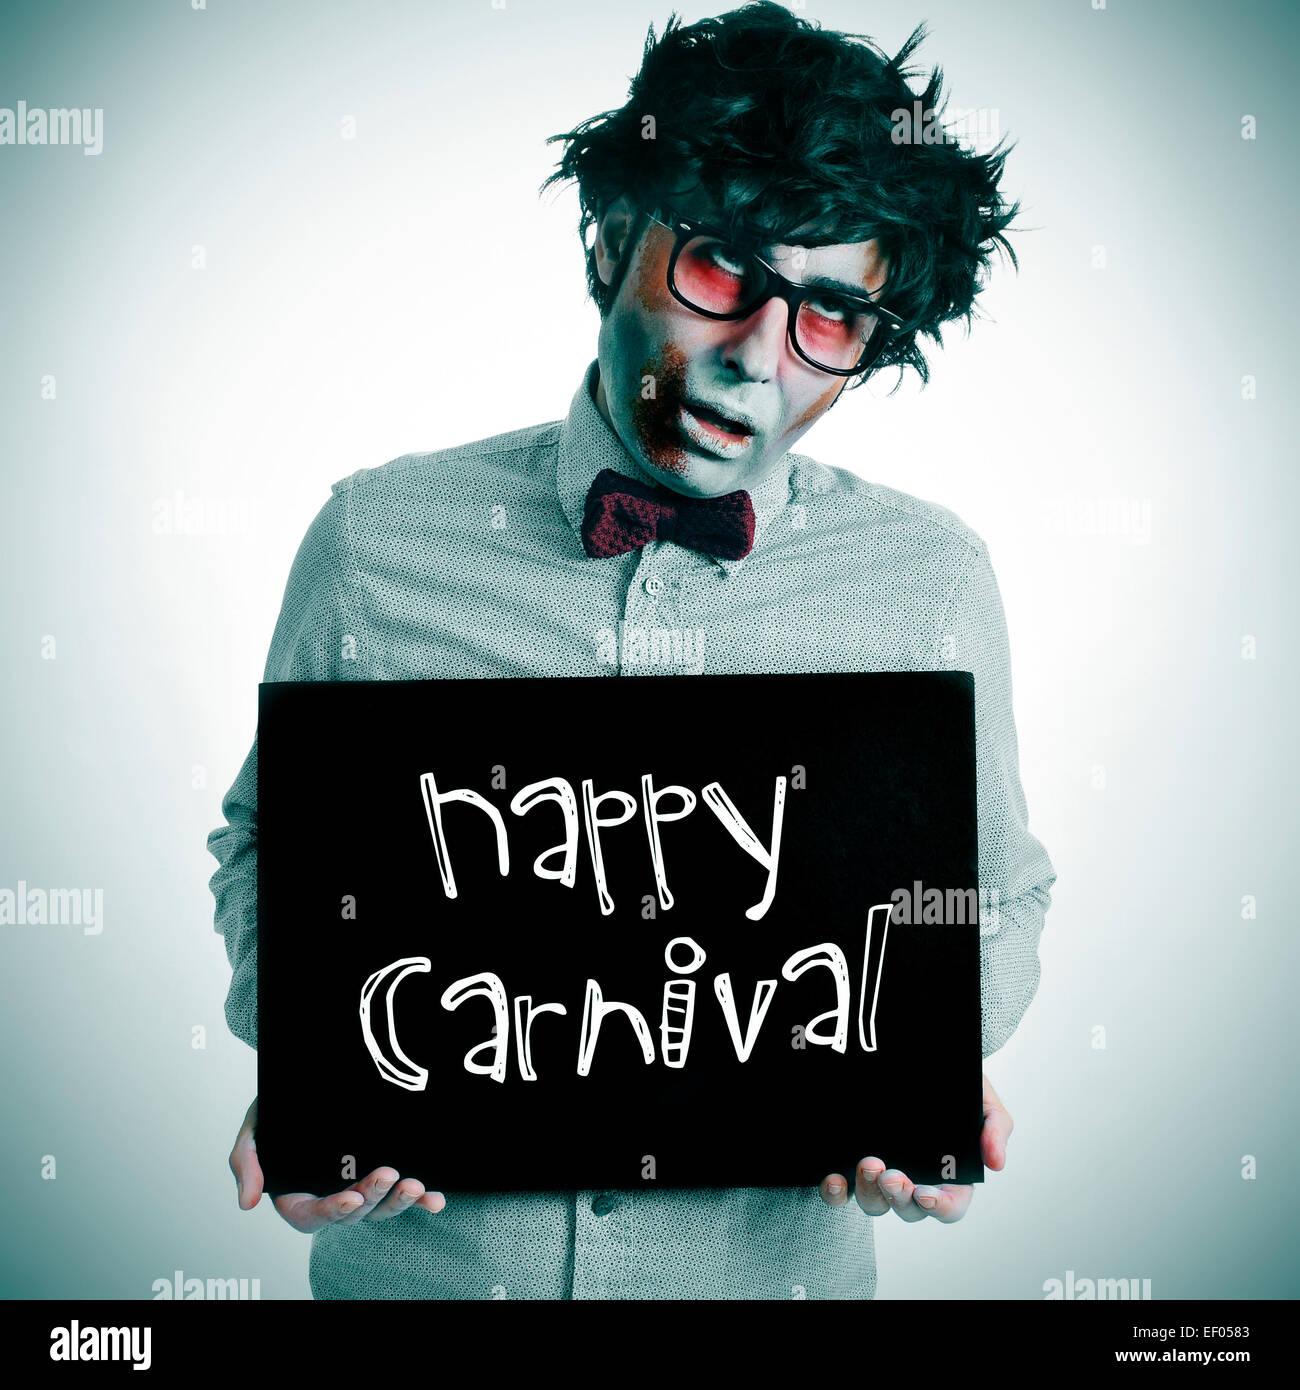 ein Mann putzt eine Zombie-Kostüm mit einem schwarzen Schild mit dem Text zufrieden Karneval geschrieben Stockbild